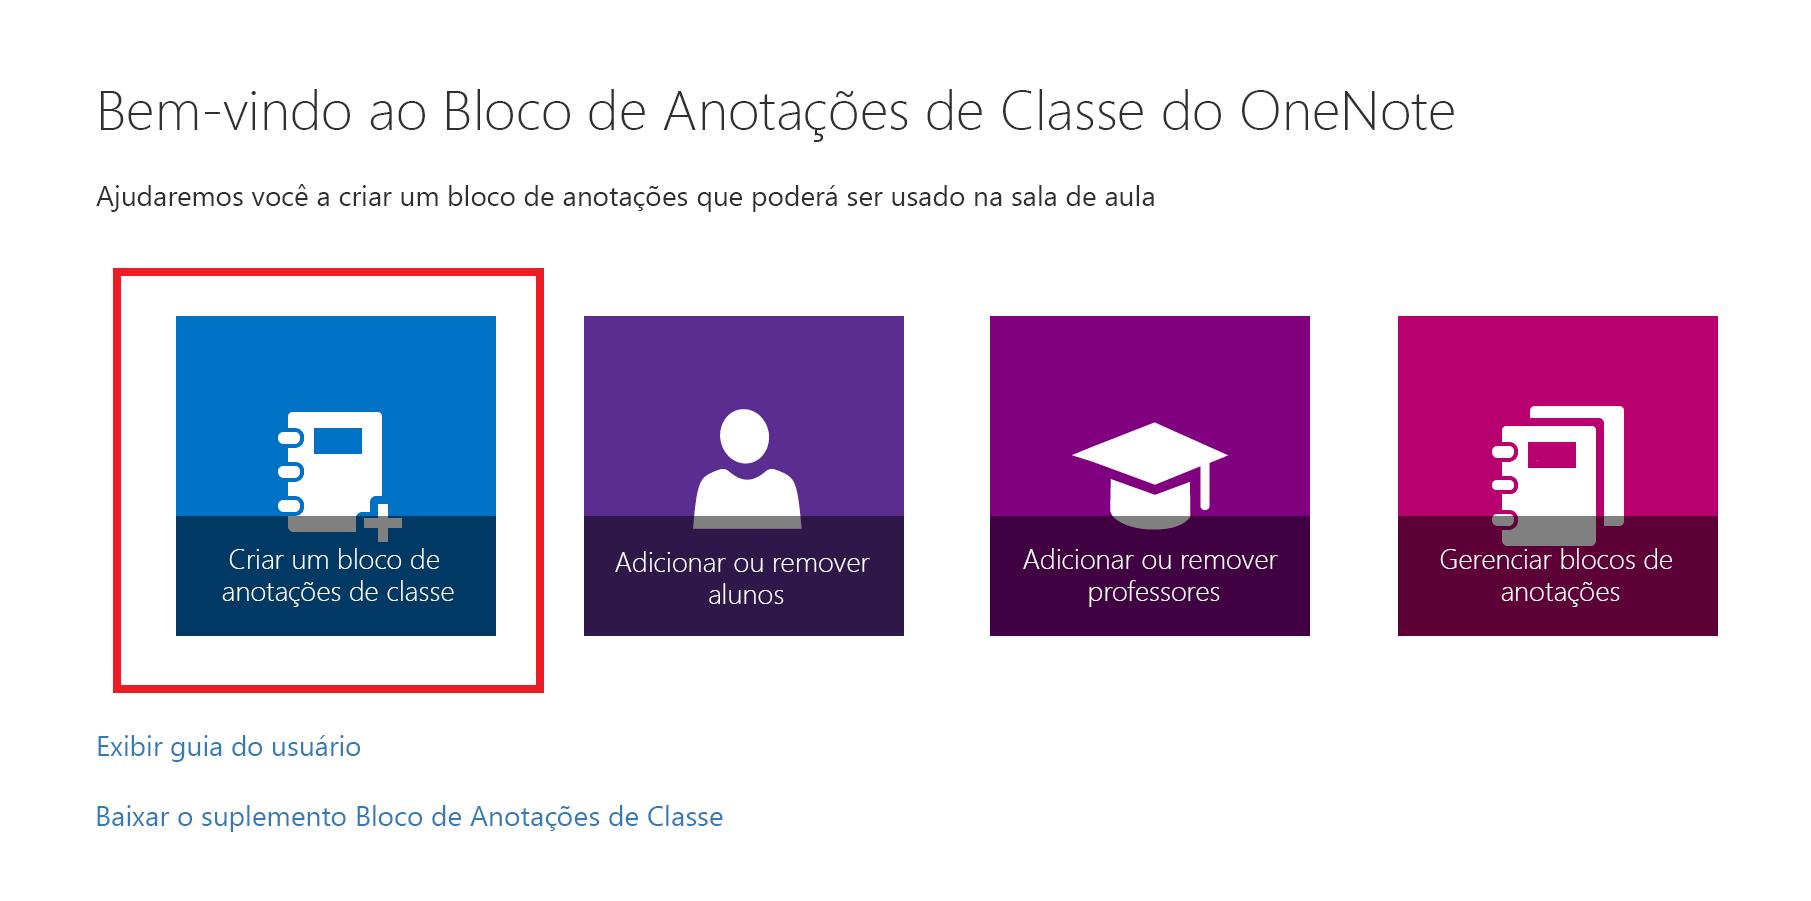 Captura de tela da Página Inicial do aplicativo Bloco de Anotações de Classe.